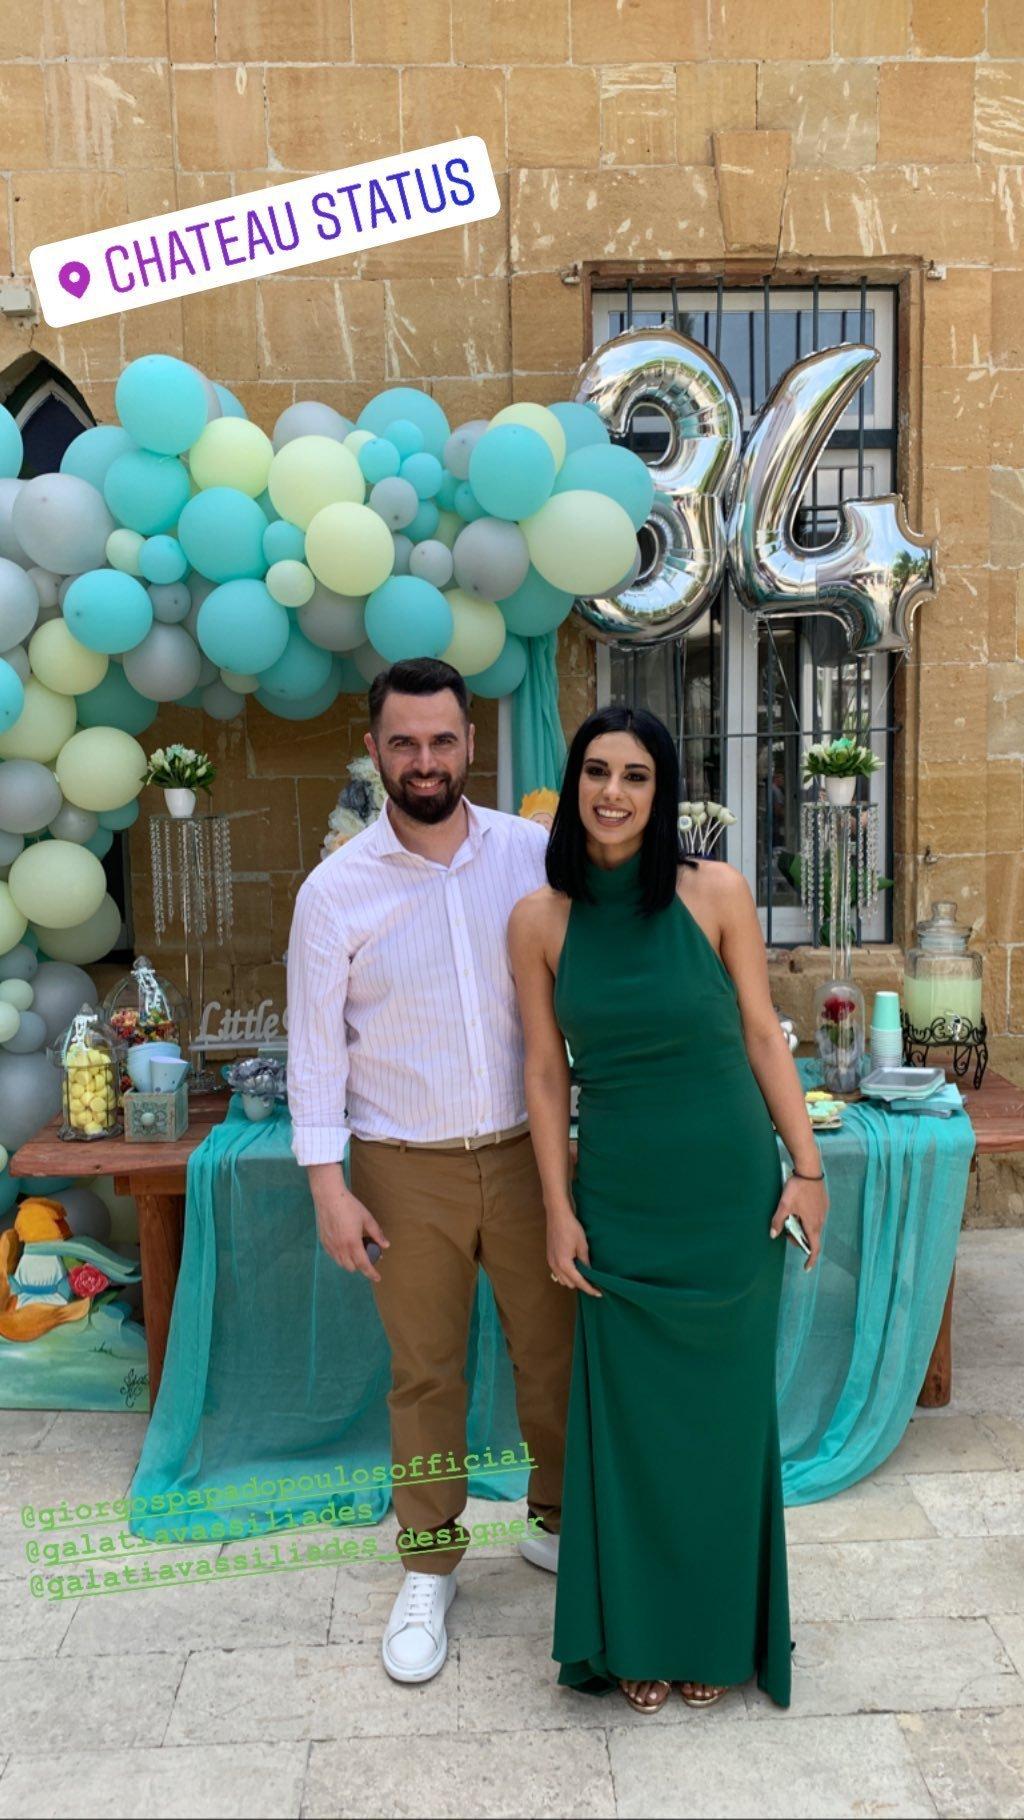 Γιώργος Παπαδόπουλος – Γαλάτεια Βασιλειάδη: Η υπέροχη βάπτιση του γιου τους στην Κύπρο